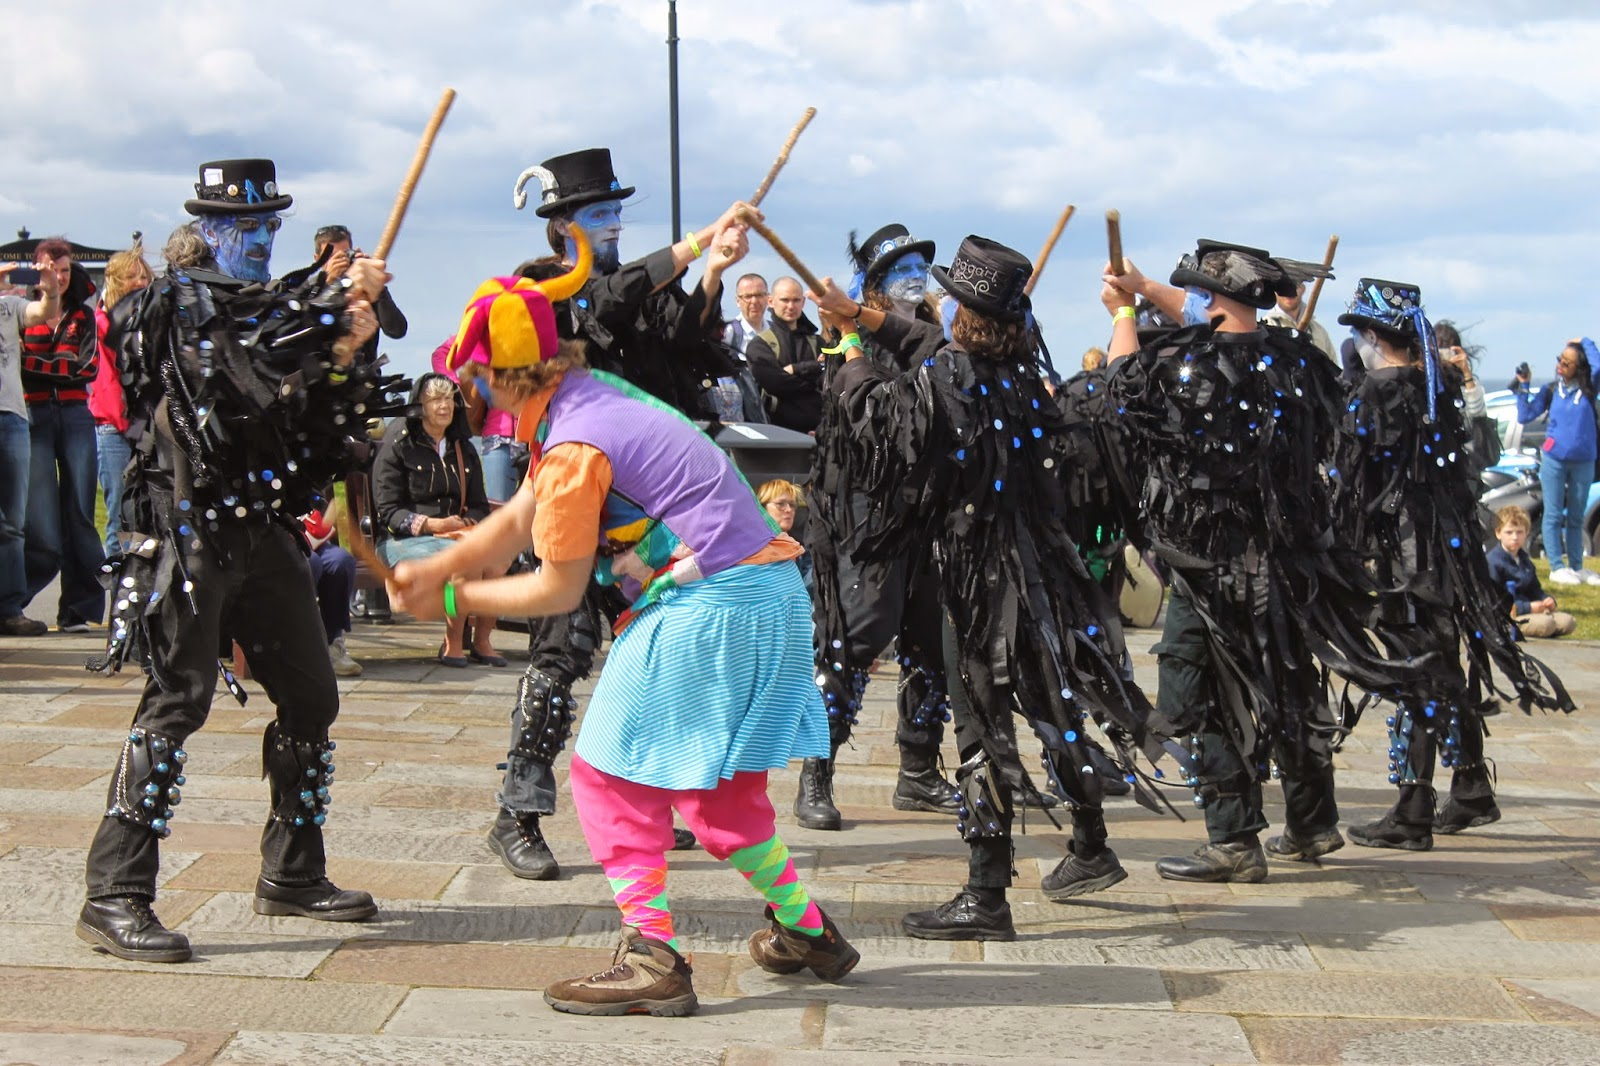 Whitby Folk Festival